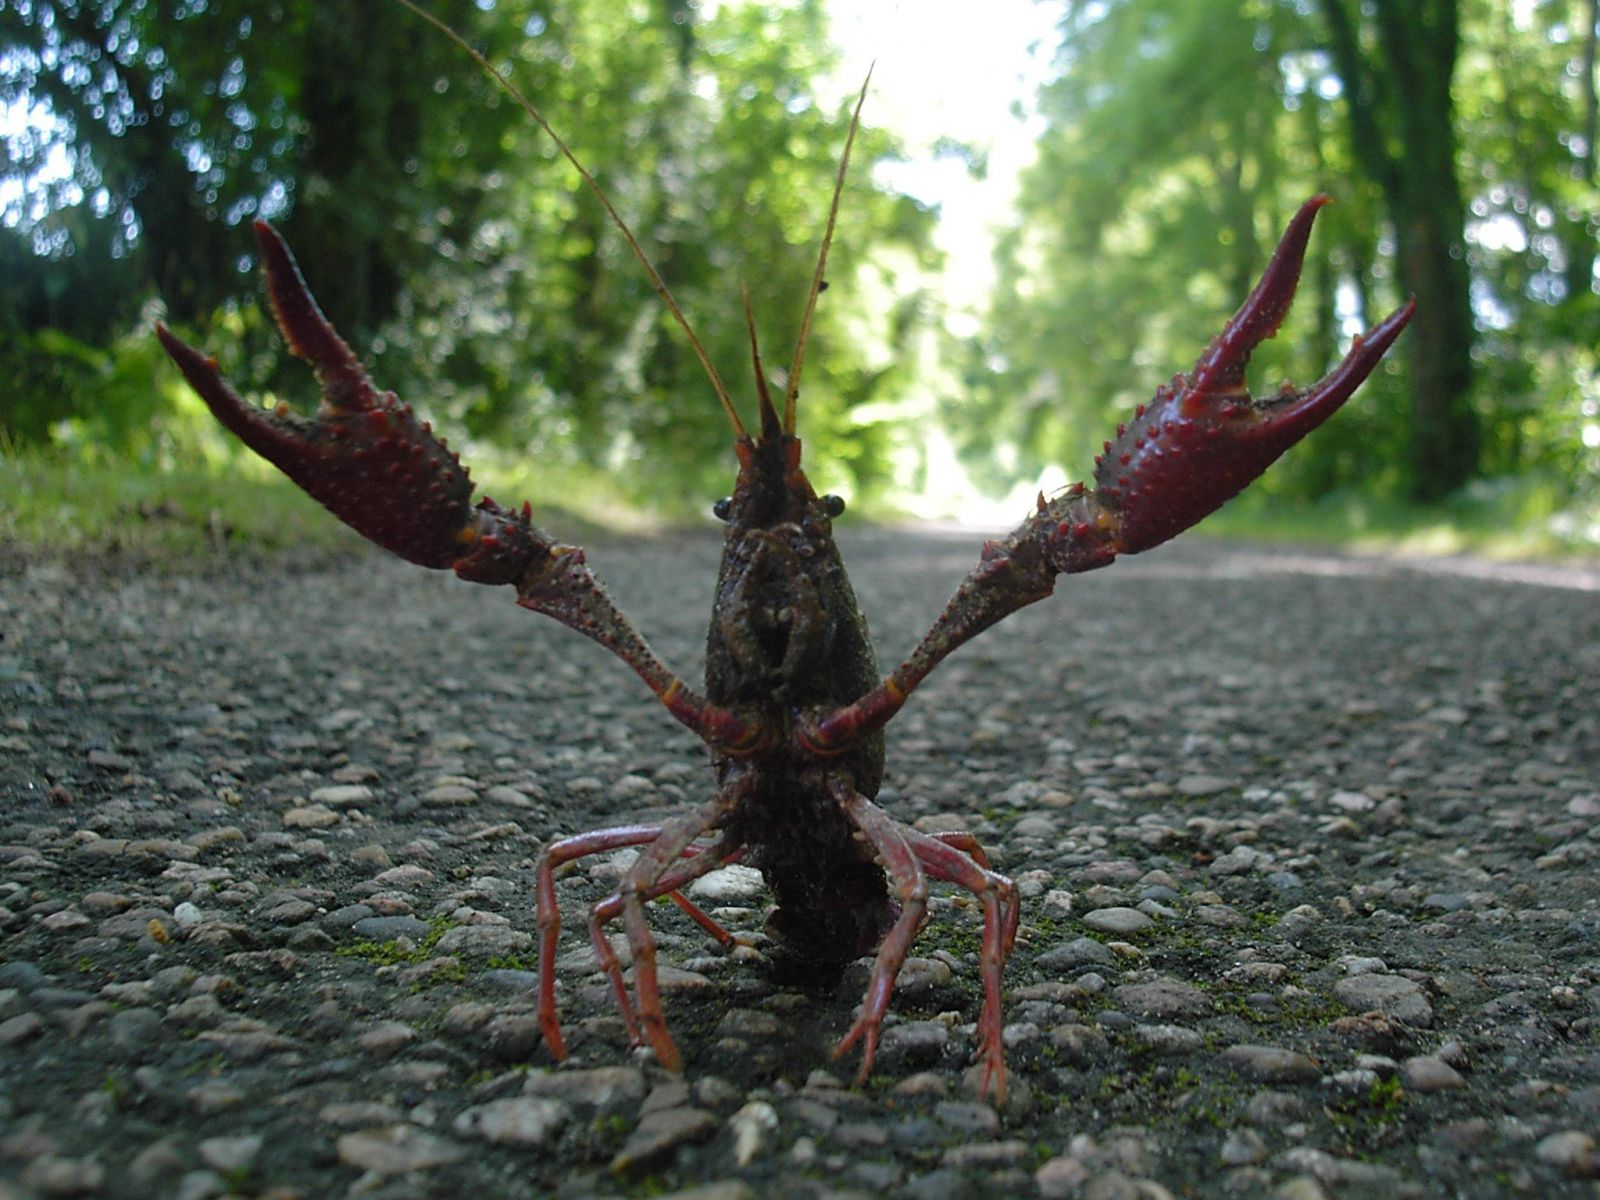 Enfin l écrevisse « Clarkii » (appelée aussi écrevisse de Louisiane) se  caractérise par sa couleur rouge et une agressivité débordante. 35511290b66